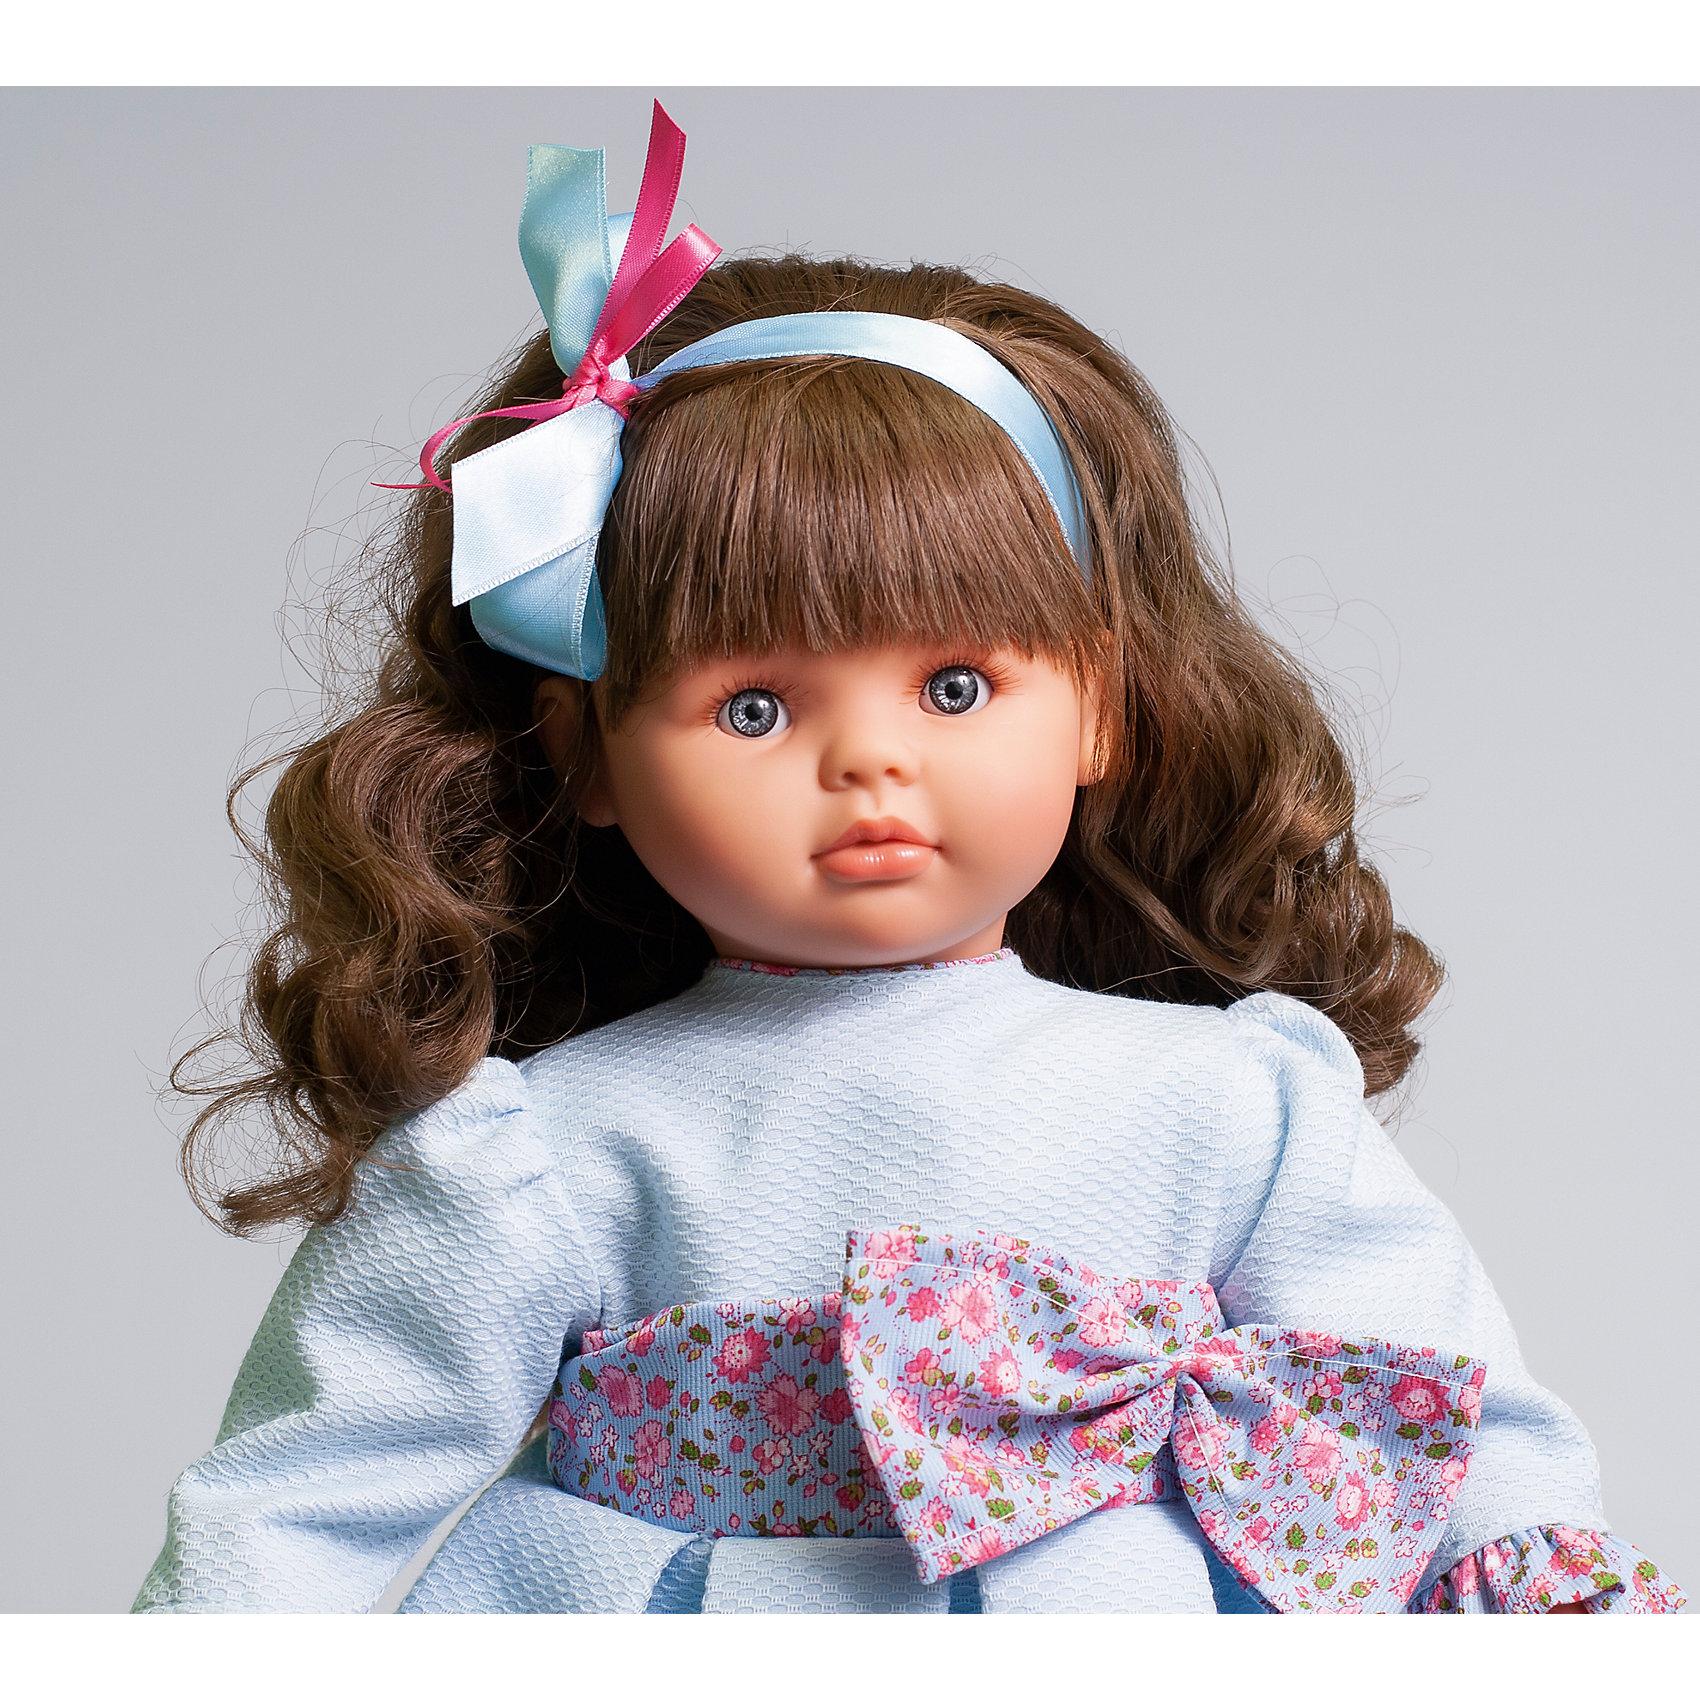 фото кукол из испании породы, которых